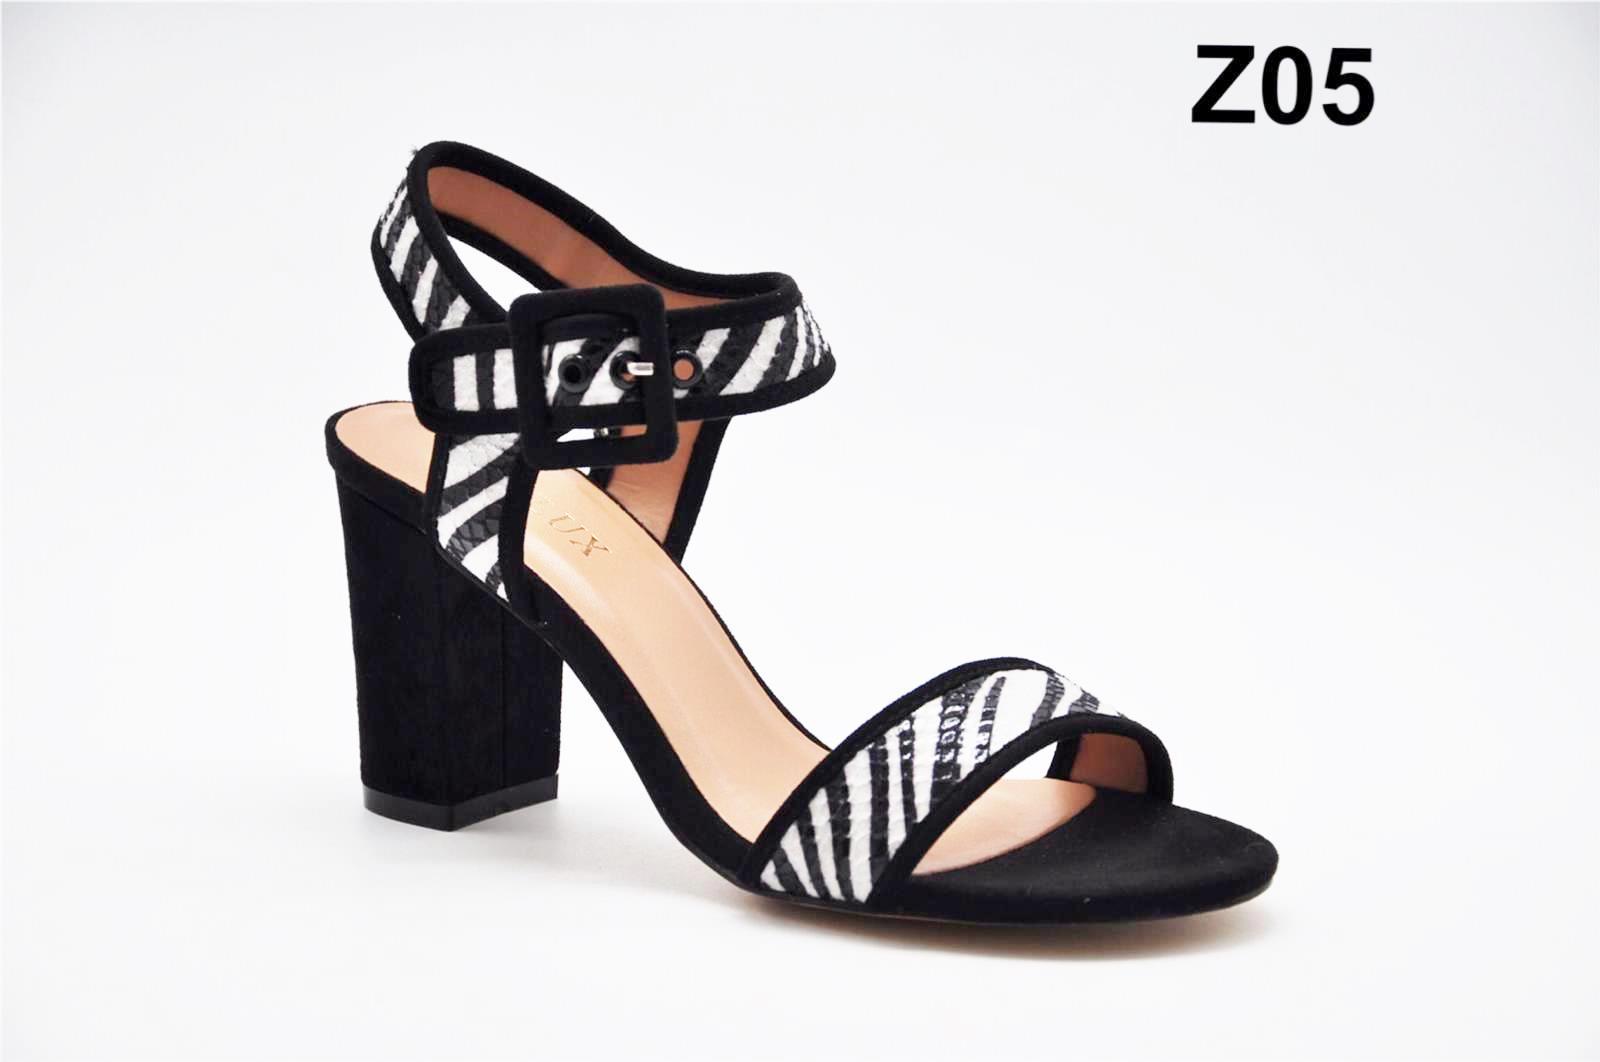 Sandale dama negru cu alb Laura